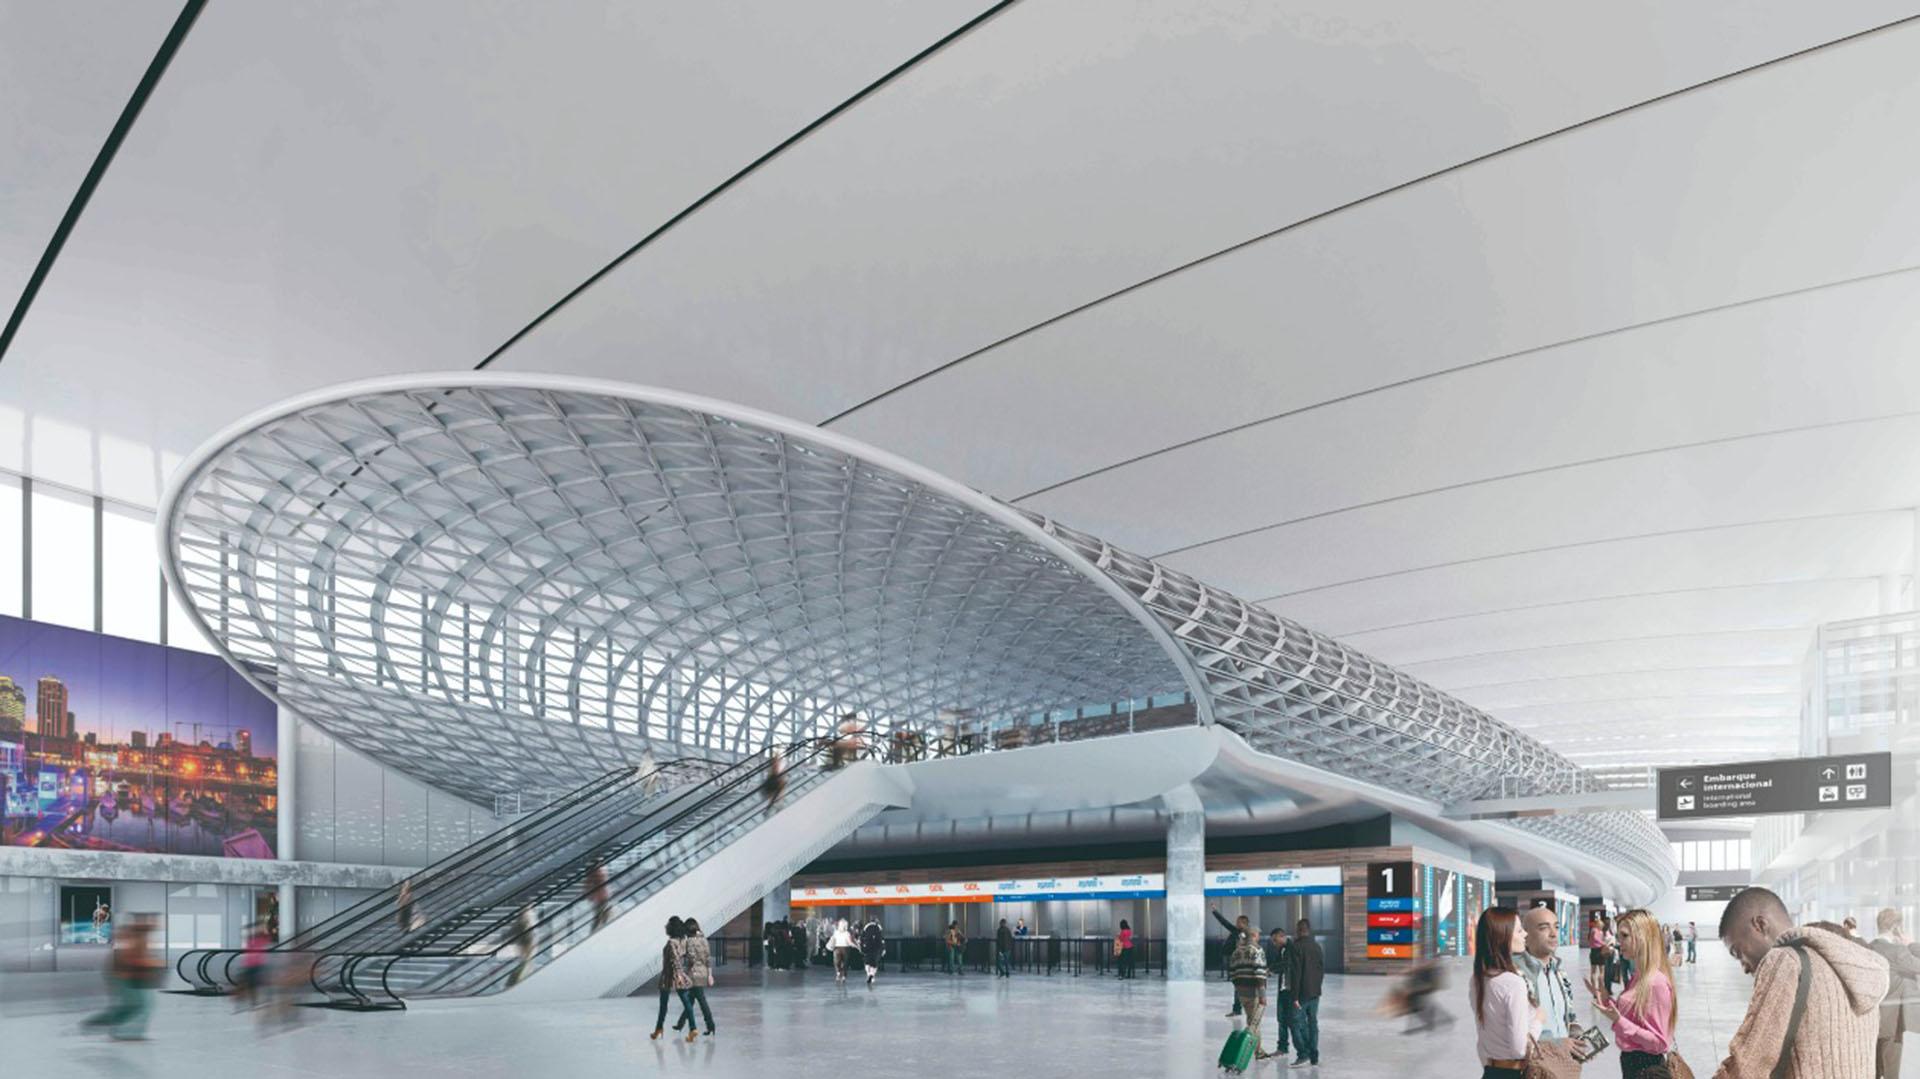 """El """"Zeppelin"""" será un edificio dentro de otro y conectará hacia la zona de embarque. Habrá zonas interactivas especiales para sacarse fotos y ser el sitio destinado para las despedidas"""